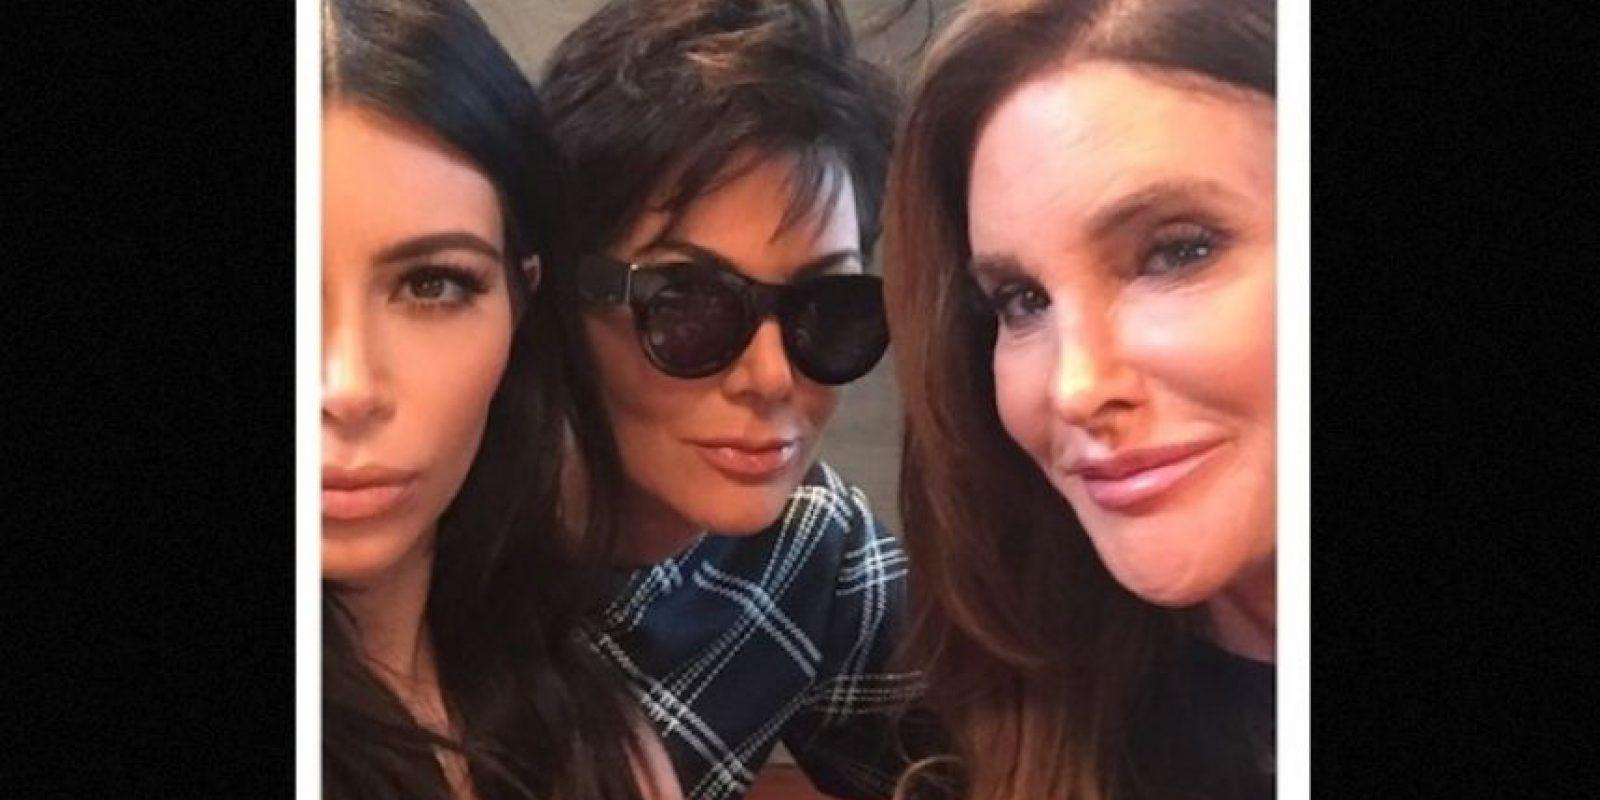 """Kris Jenner ha revelado que no puede llamar a su ex """"Caitlyn"""" y que en su lugar la llama """"Jenner"""". Foto:Instagram/KimKardashian"""